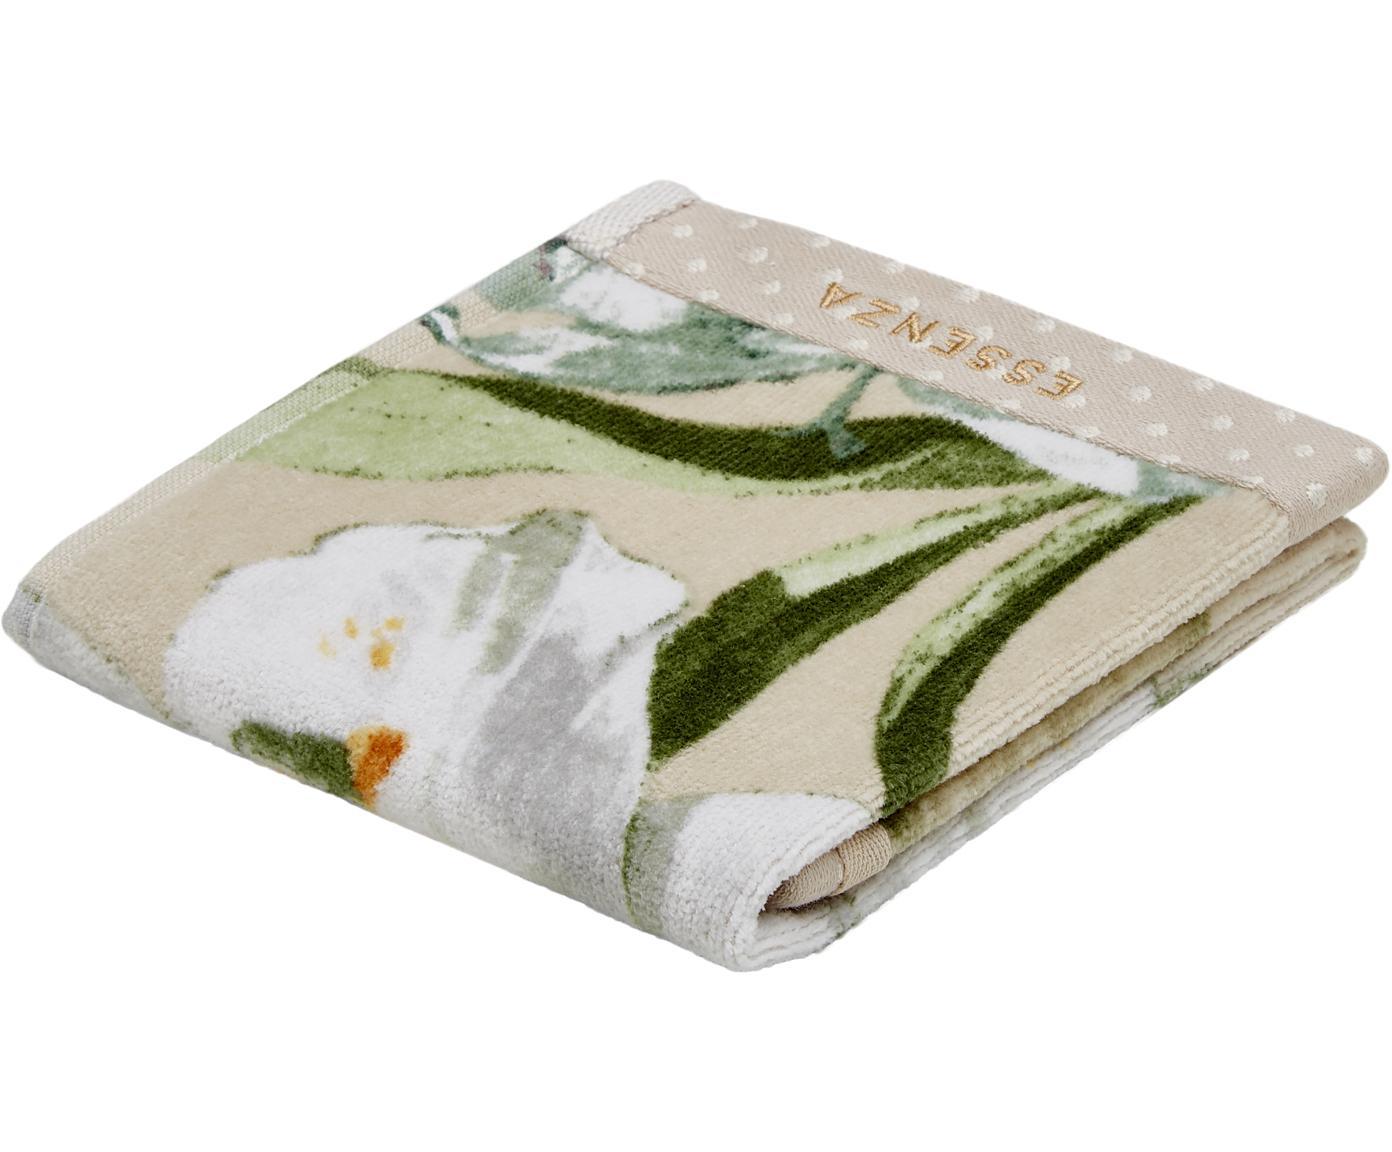 Handtuch Rosalee mit Blumen-Muster, 100% Baumwolle, Beige, Weiß, Grün, Orange, Gästehandtuch